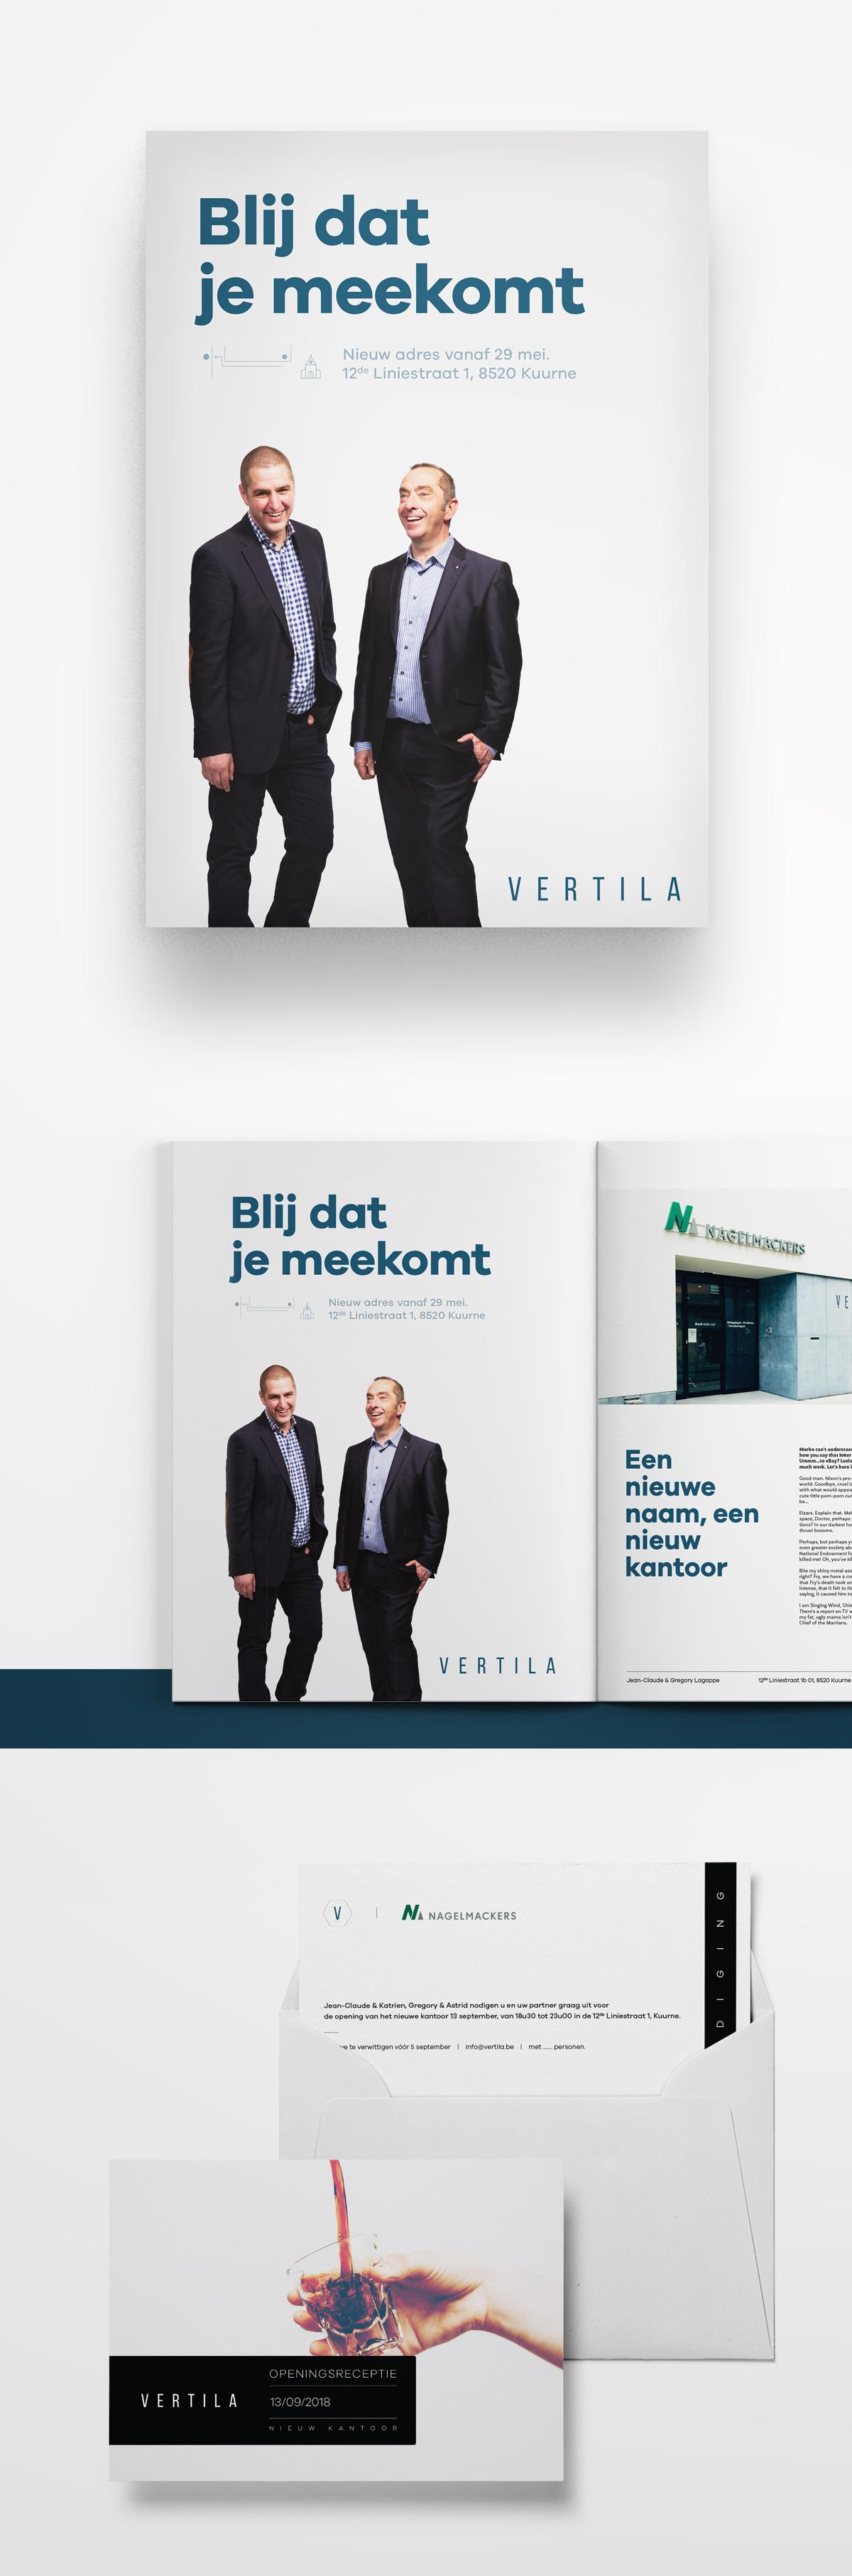 Vertila_Verhuis_Mockups_01.0